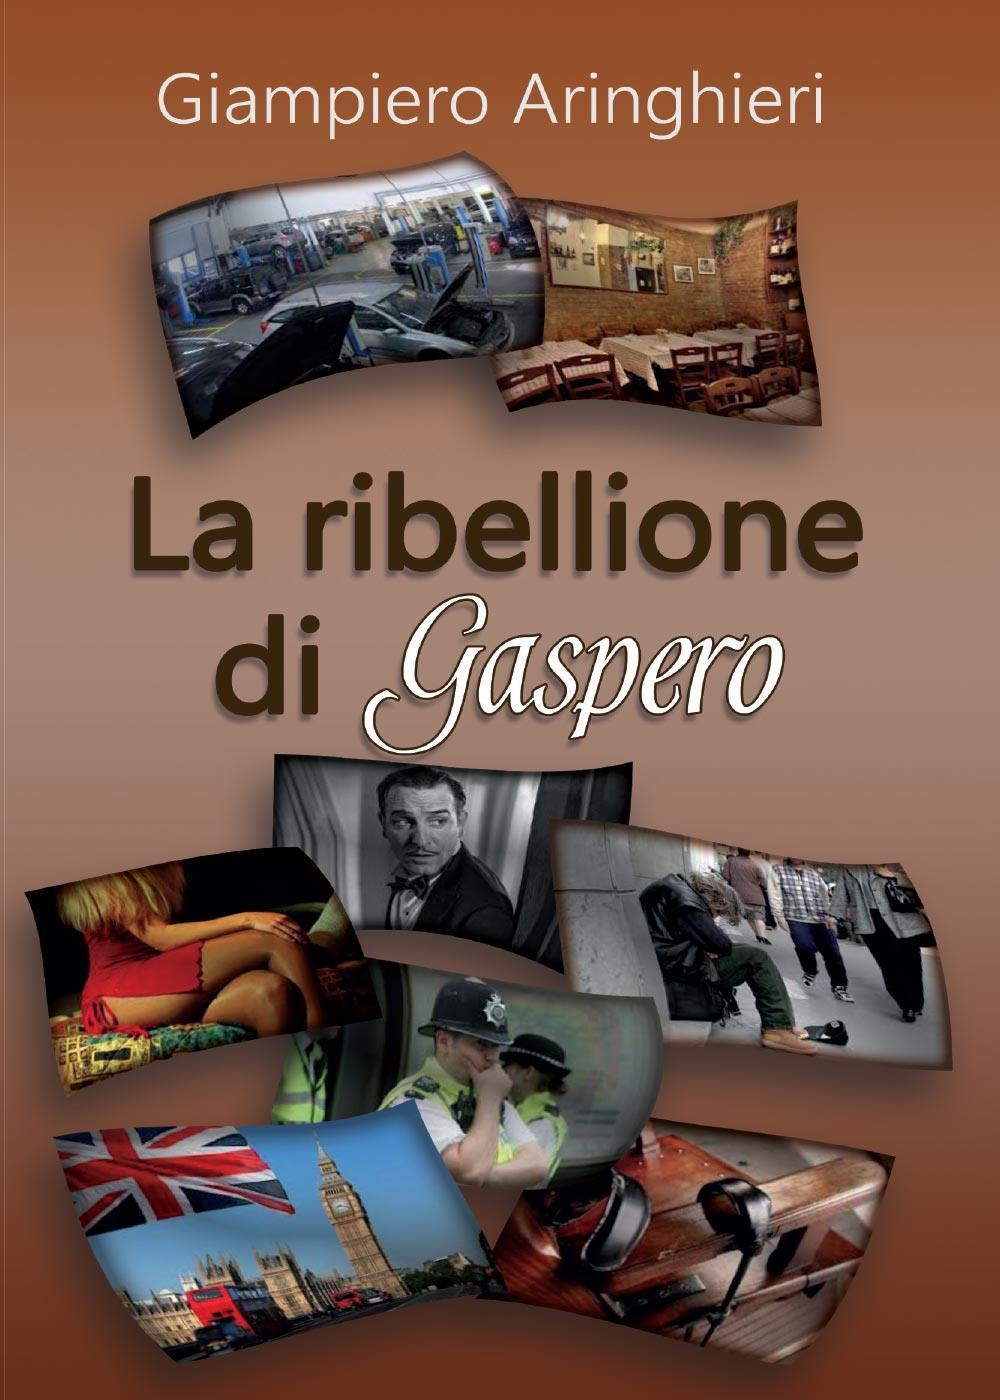 La ribellione di Gaspero